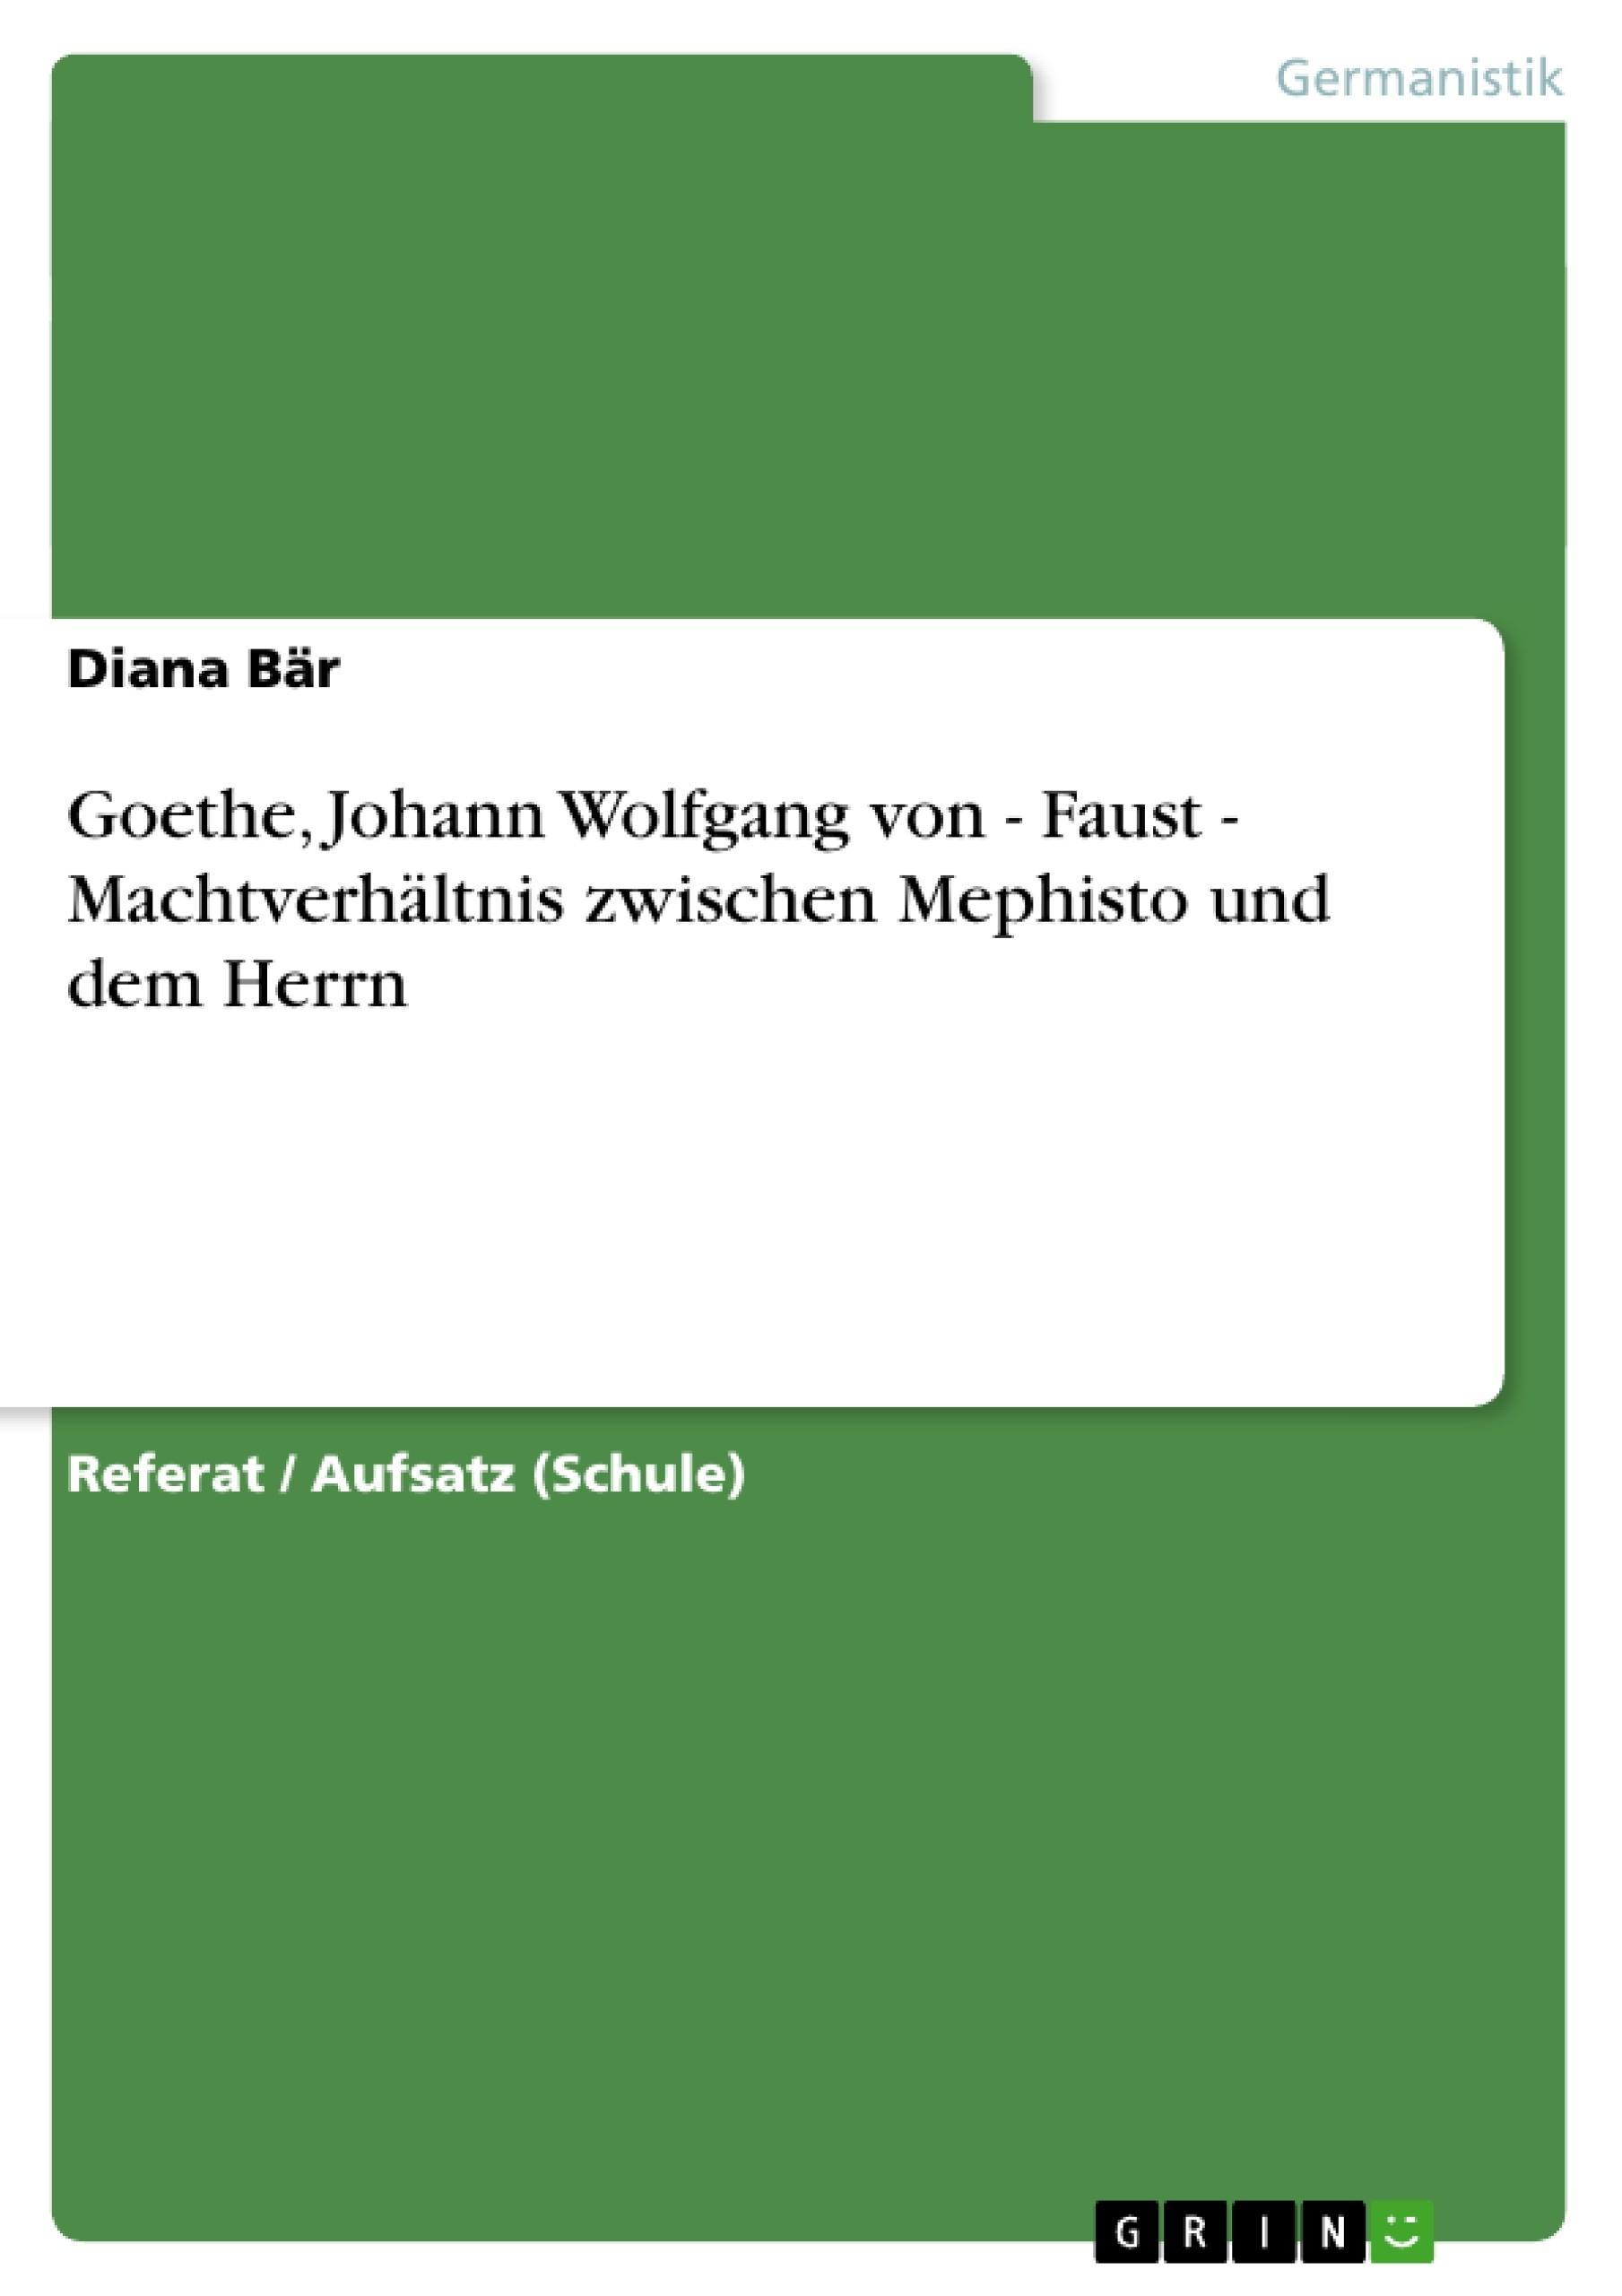 Titel: Goethe, Johann Wolfgang von - Faust - Machtverhältnis zwischen Mephisto und dem Herrn